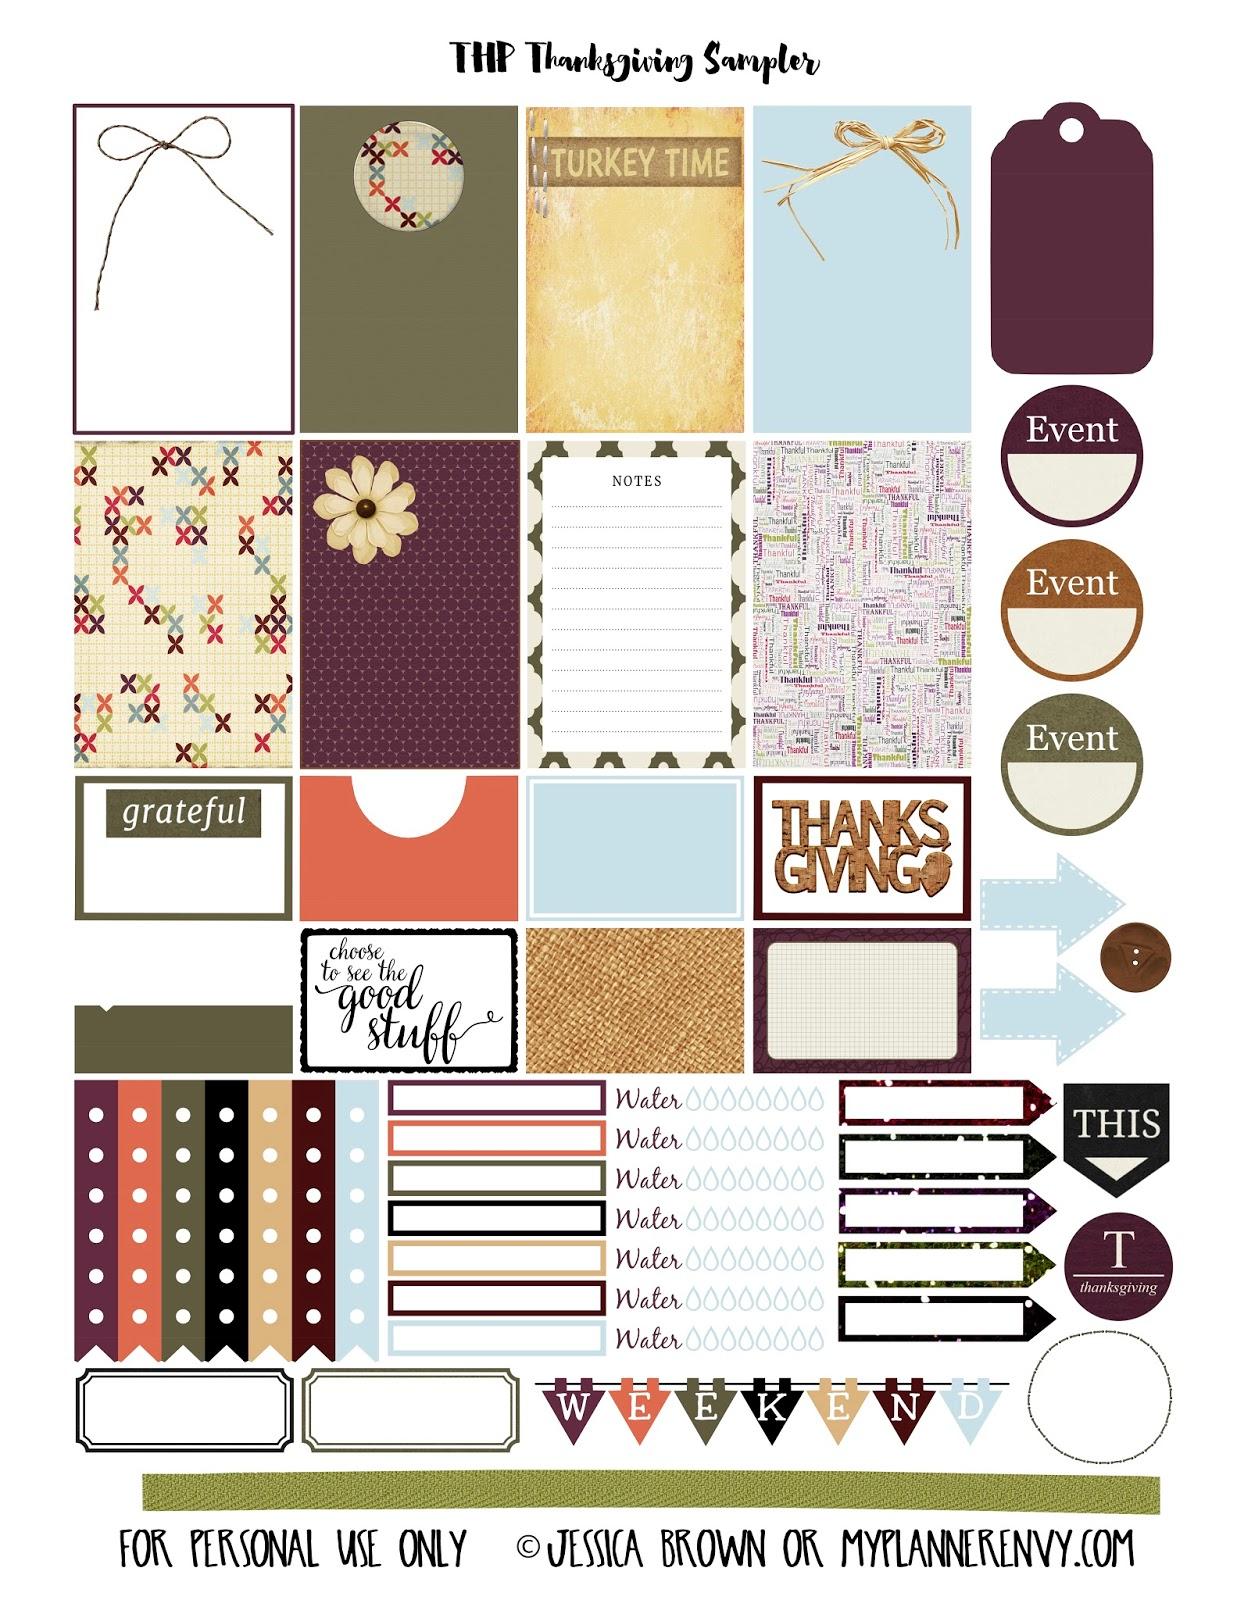 Thanksgiving Sampler - Free Planner Printable   My Planner Envy